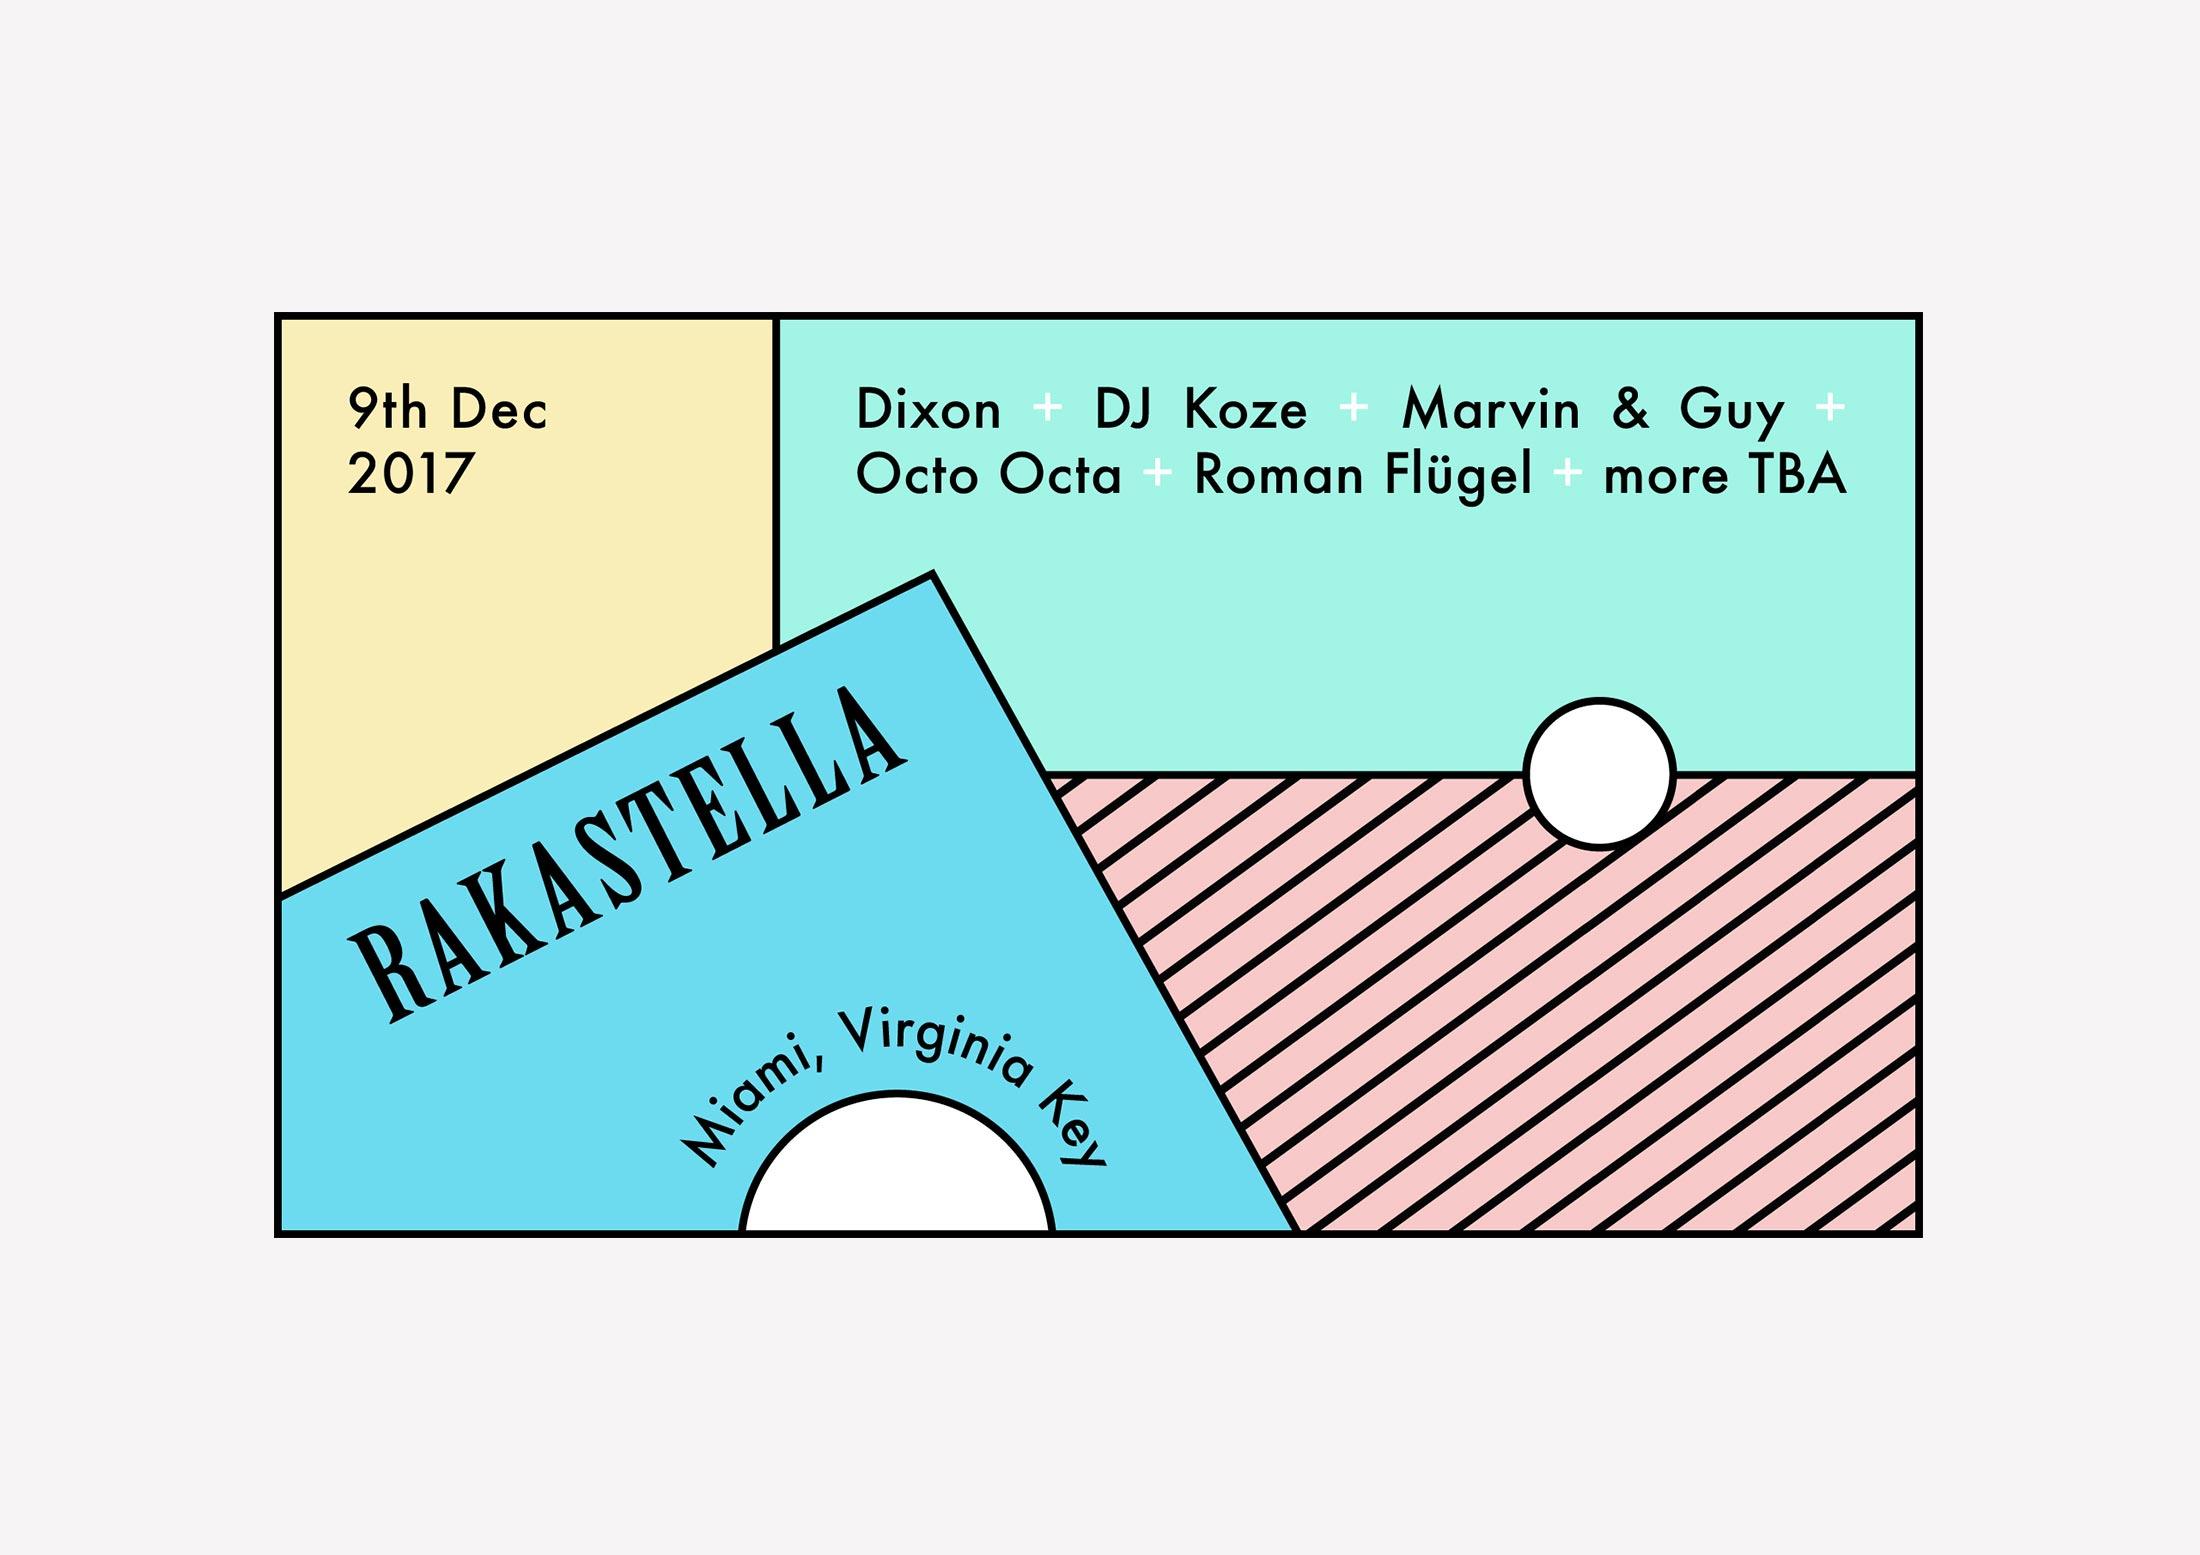 Rakastella-artwork1.jpg